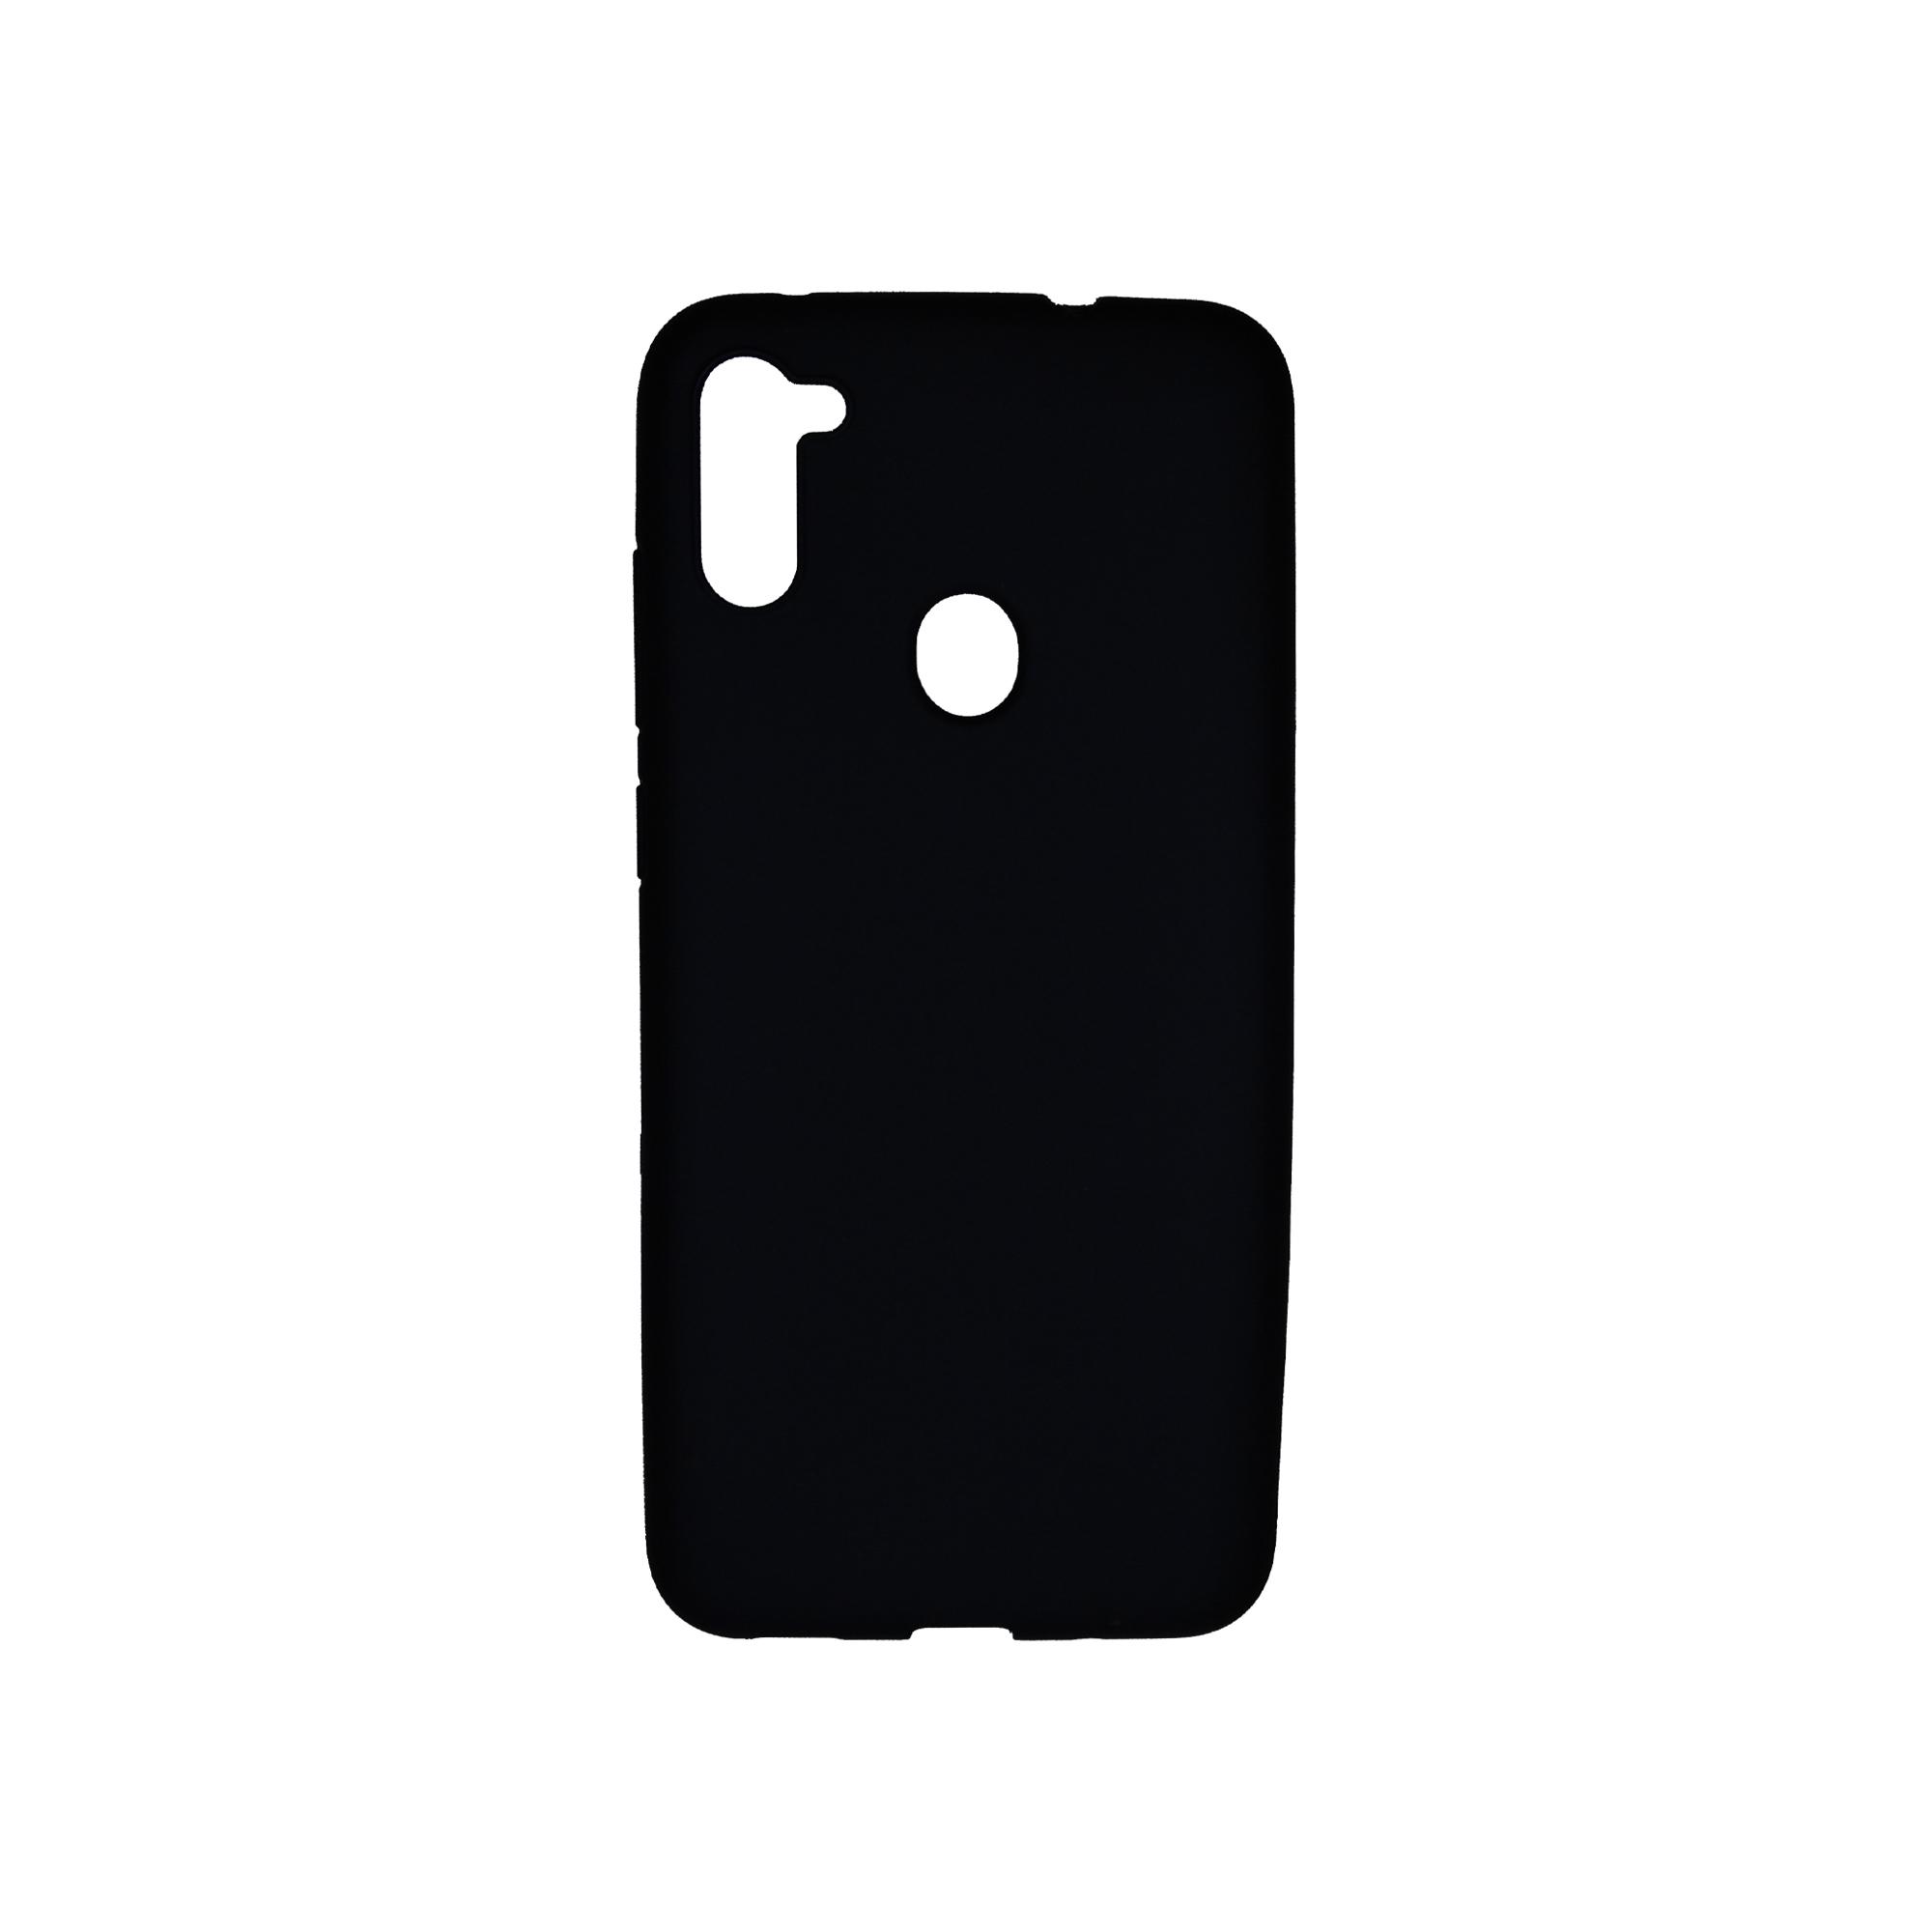 کاور مدل GD-1 مناسب برای گوشی موبایل سامسونگ Galaxy A11